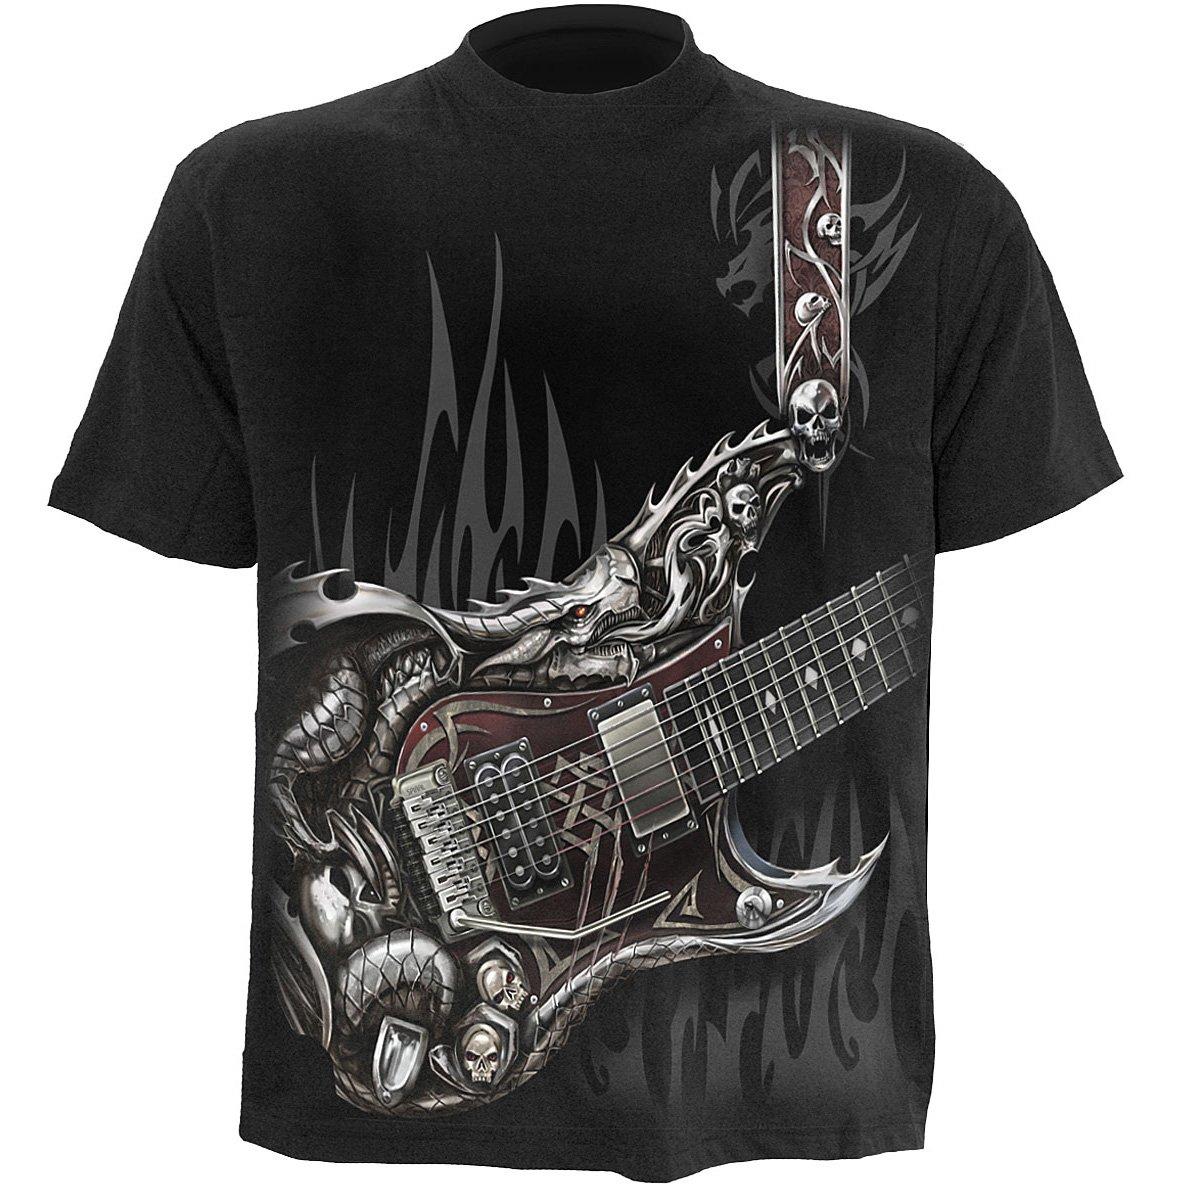 AIR GUITAR TShirt Black Black shirt, Mens tshirts